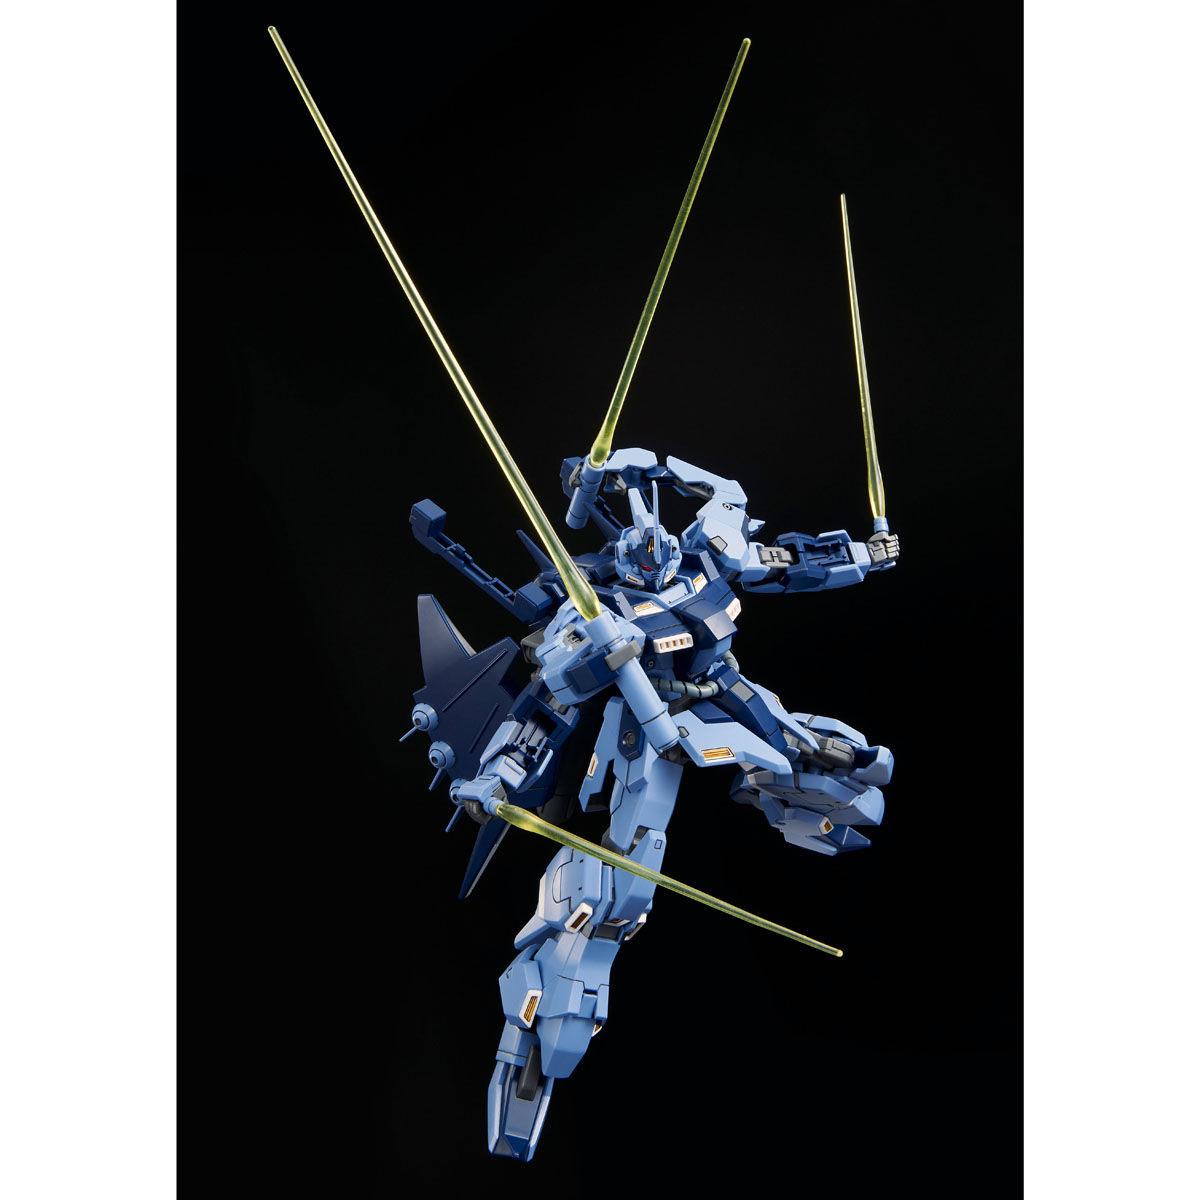 【限定販売】HG 1/144『トーリスリッター』ガンダム サイドストーリーズ プラモデル-007